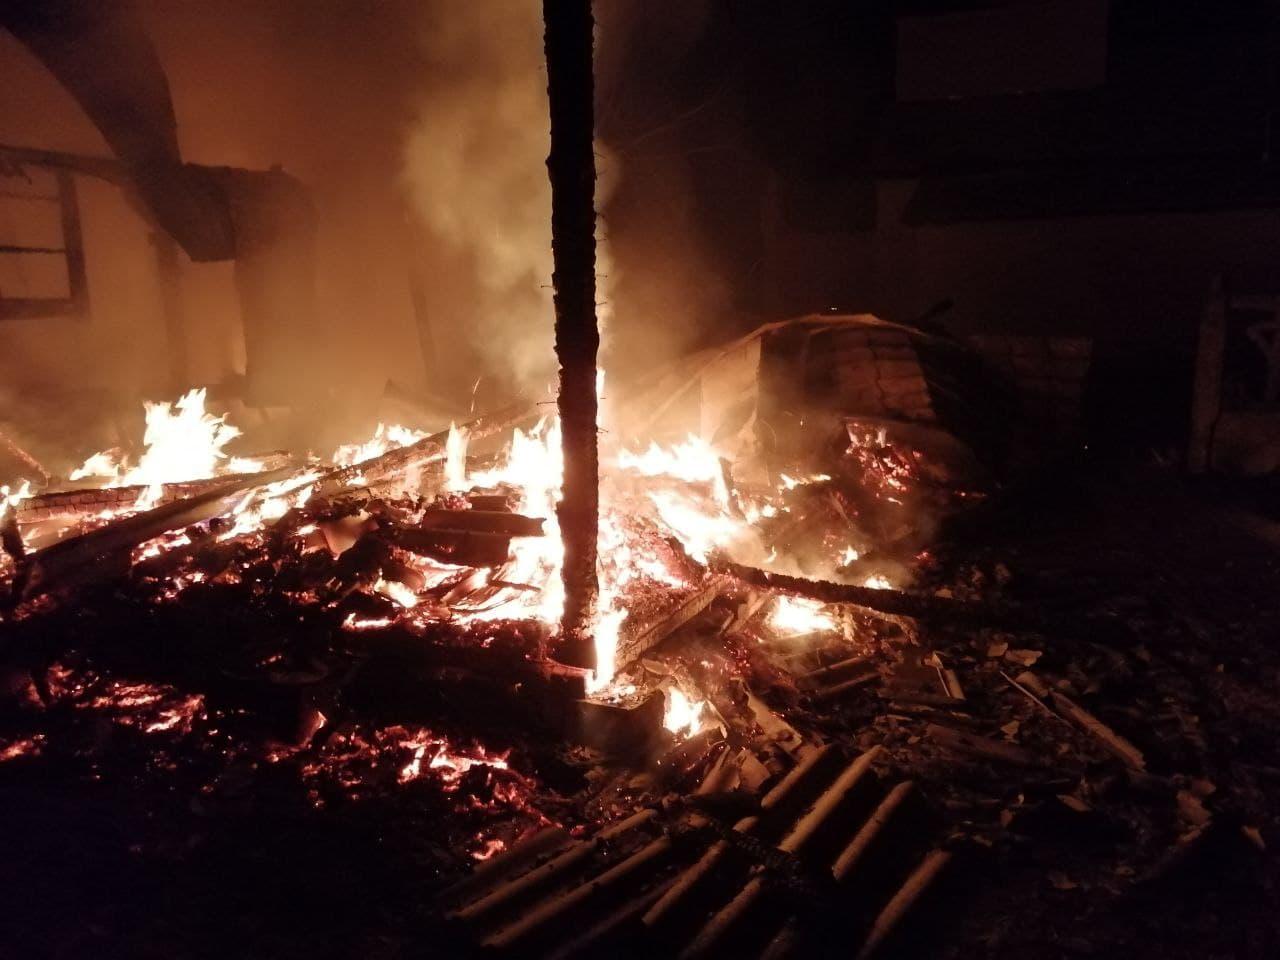 Неподалік Чорнобиля мало не згоріла церква - Чорнобиль, церква, рятувальники, Іванківський район, вогонь - photo 2021 01 18 11 16 40